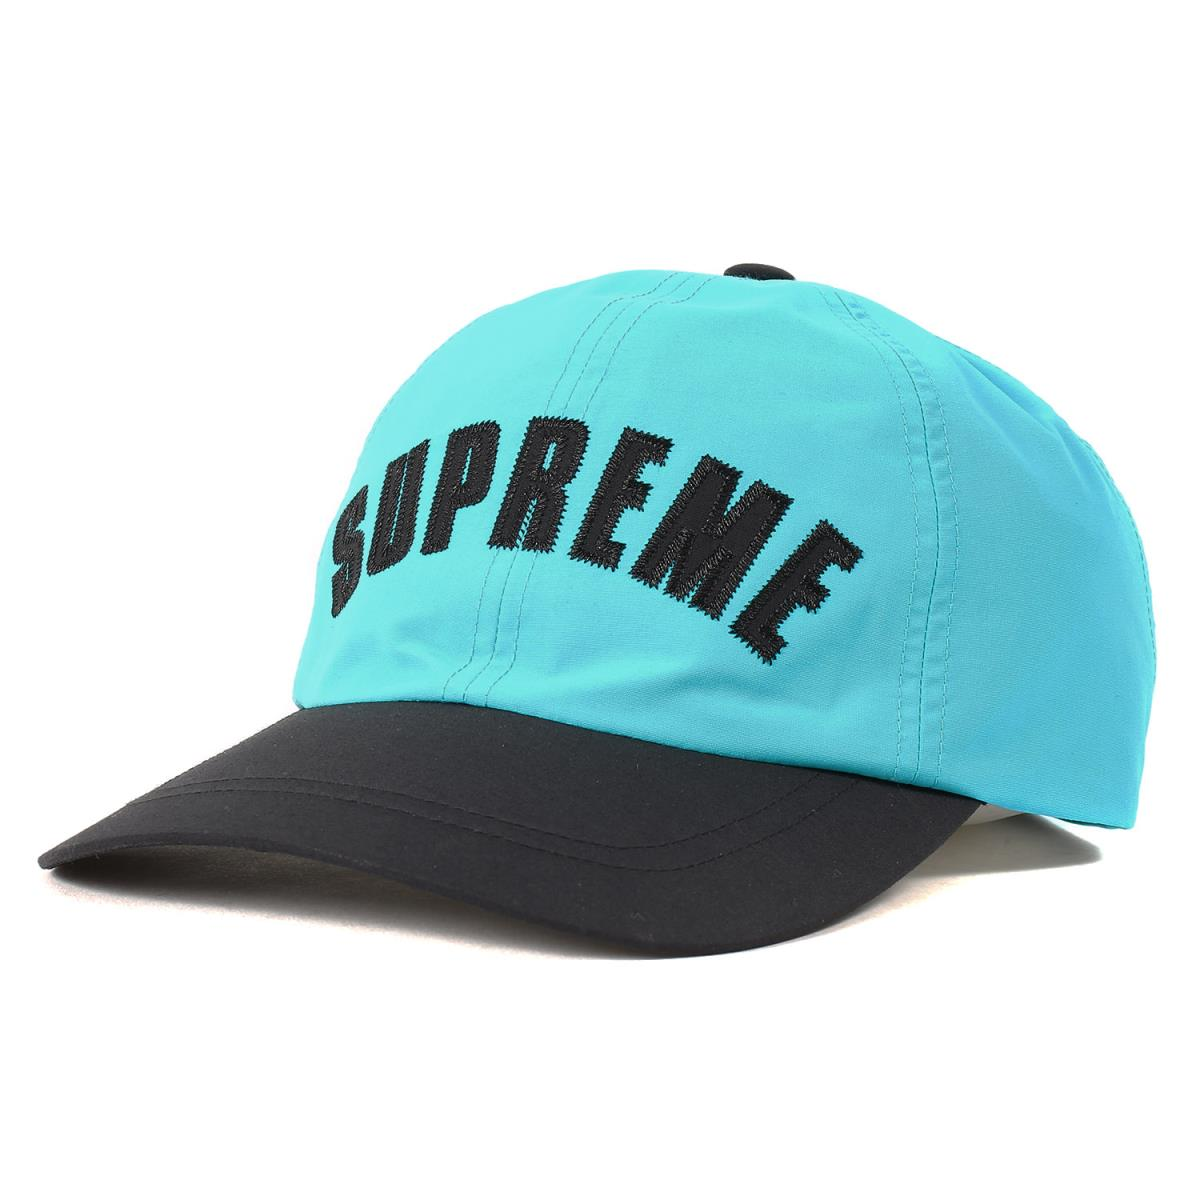 Supreme シュプリーム キャップ THE NORTH FACE GORE-TEX 6パネル キャップ Arc Logo 6-Panel 19SS ティール 【メンズ】【中古】【美品】【K2578】